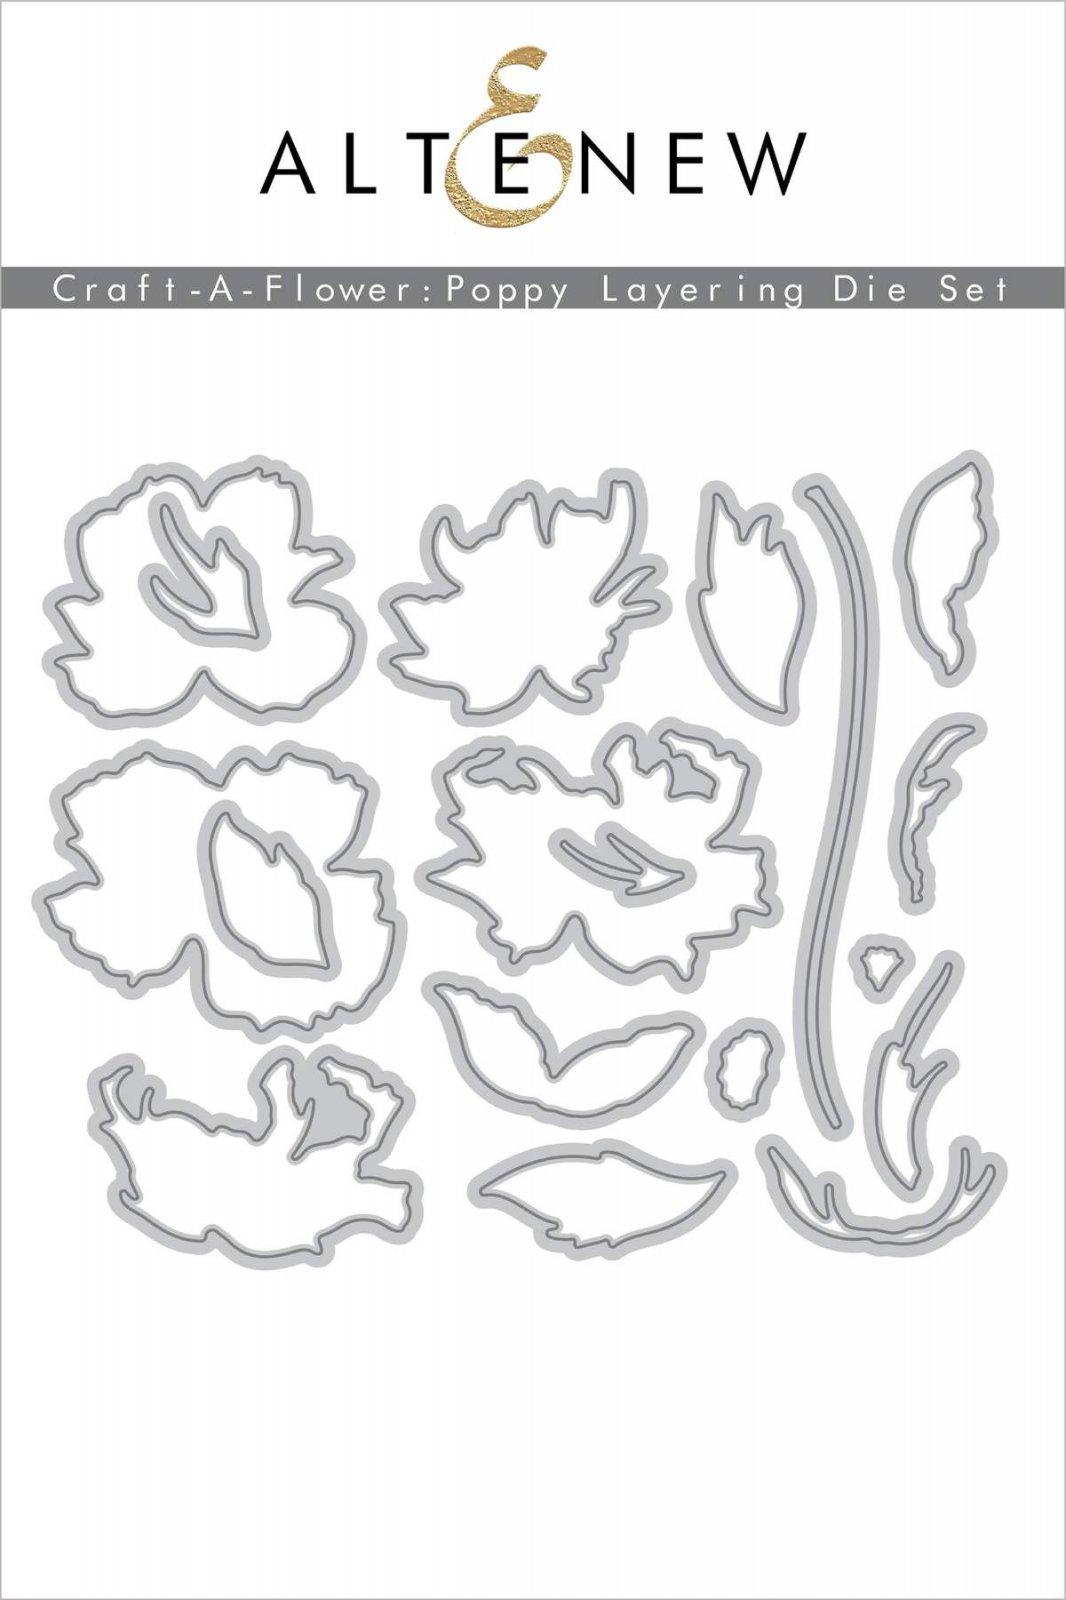 Altenew - Craft-a-Flower Cactus Die